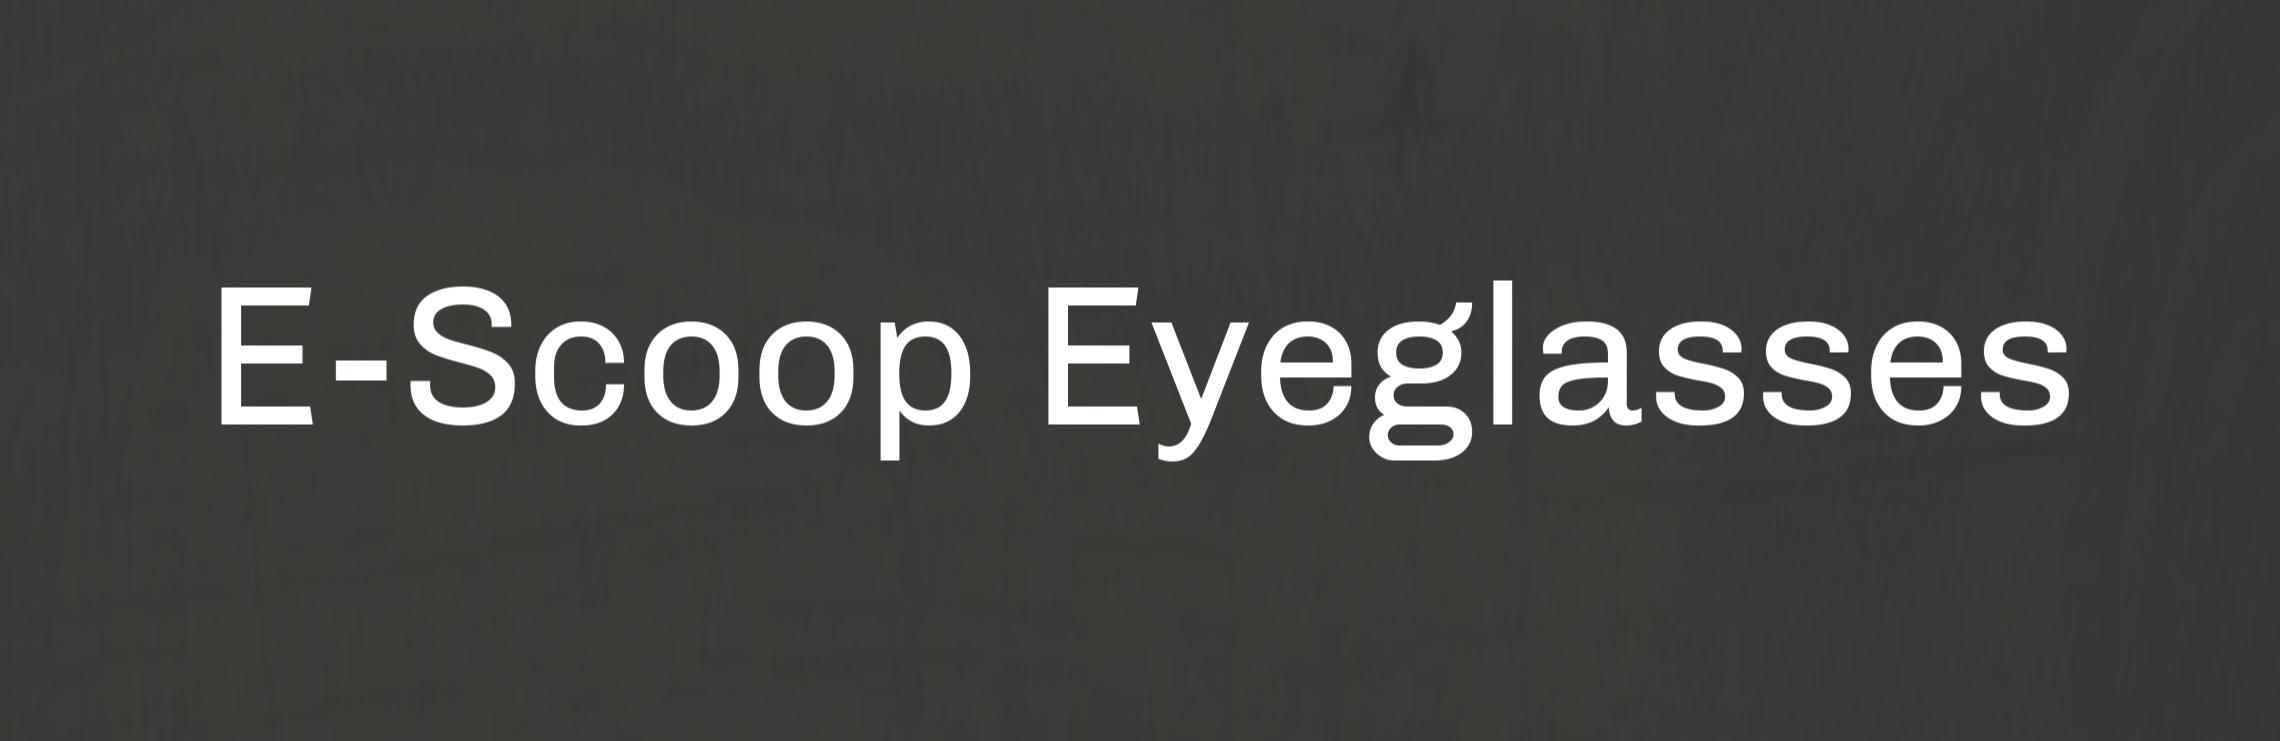 E Scoop Eyeglasses